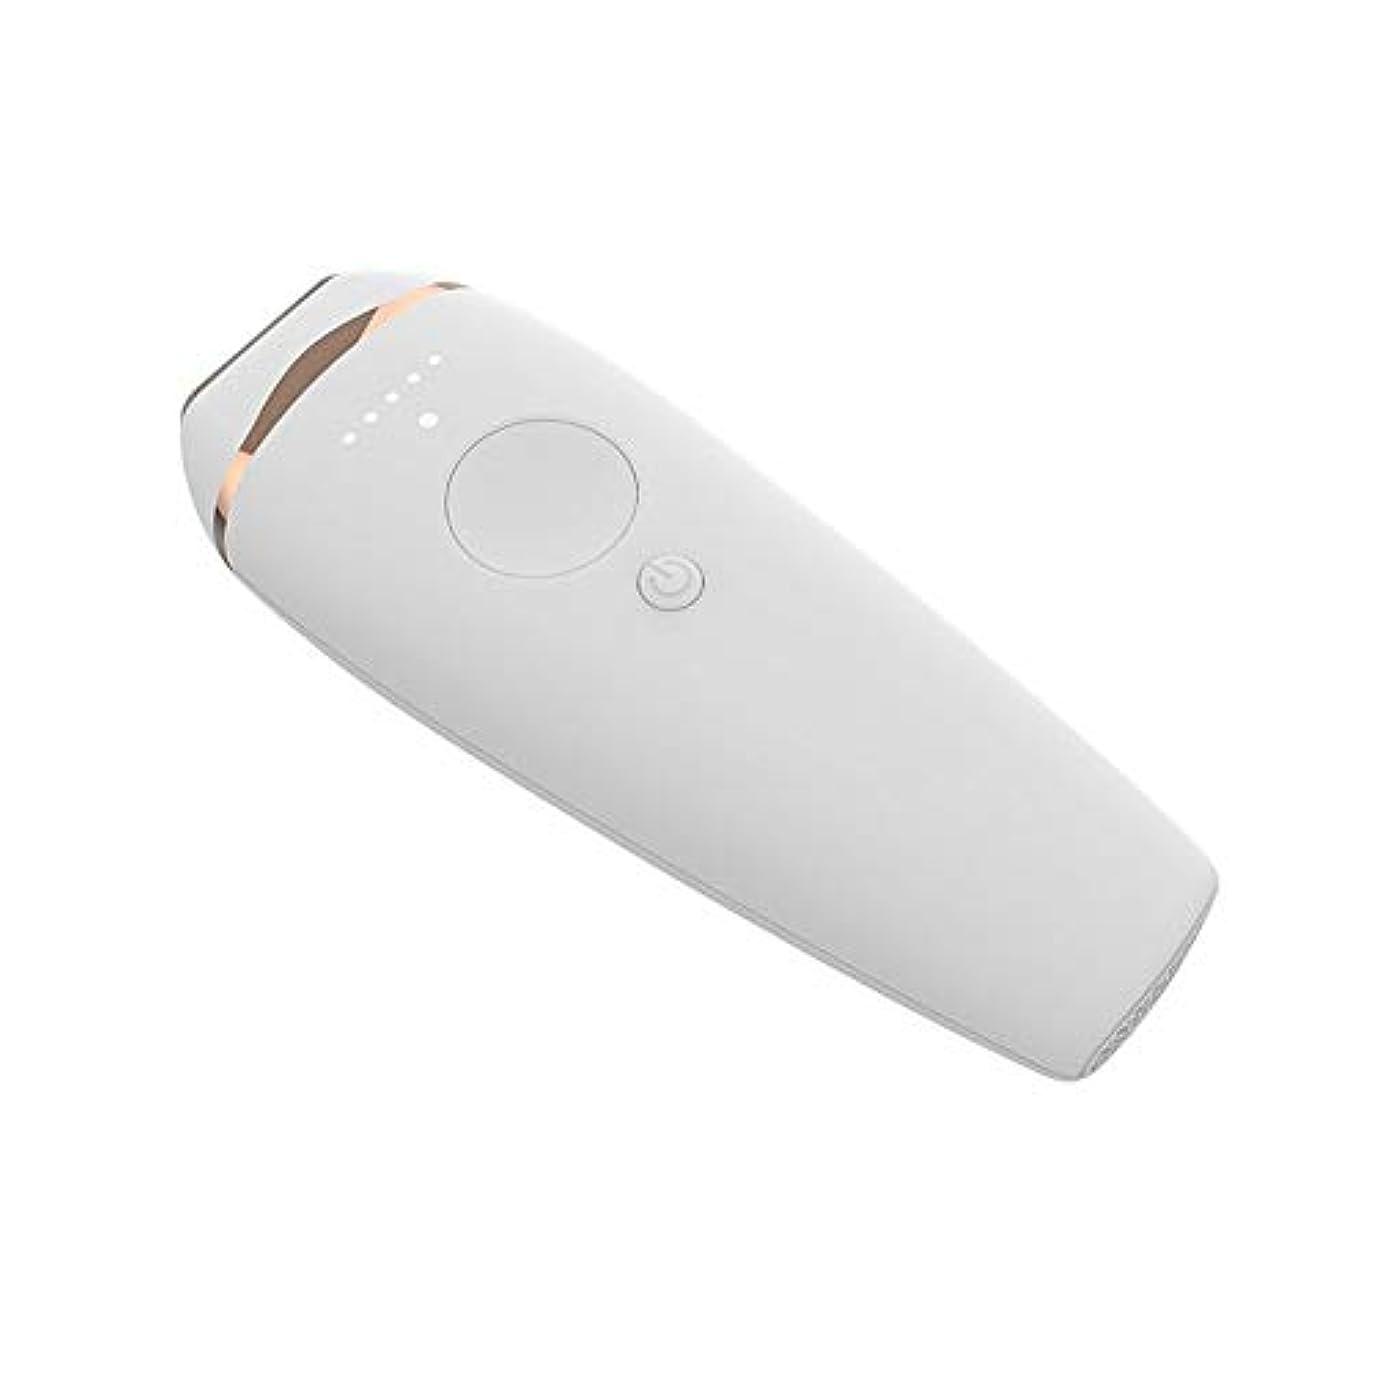 酸度即席選択するダパイ 痛みのないボディポータブルヘアリムーバーシェービングマシン美容容器、5スピード調整、滑らかで滑らかな肌、サイズ20.5×14.9×6.6センチ U546 (Color : Gold)